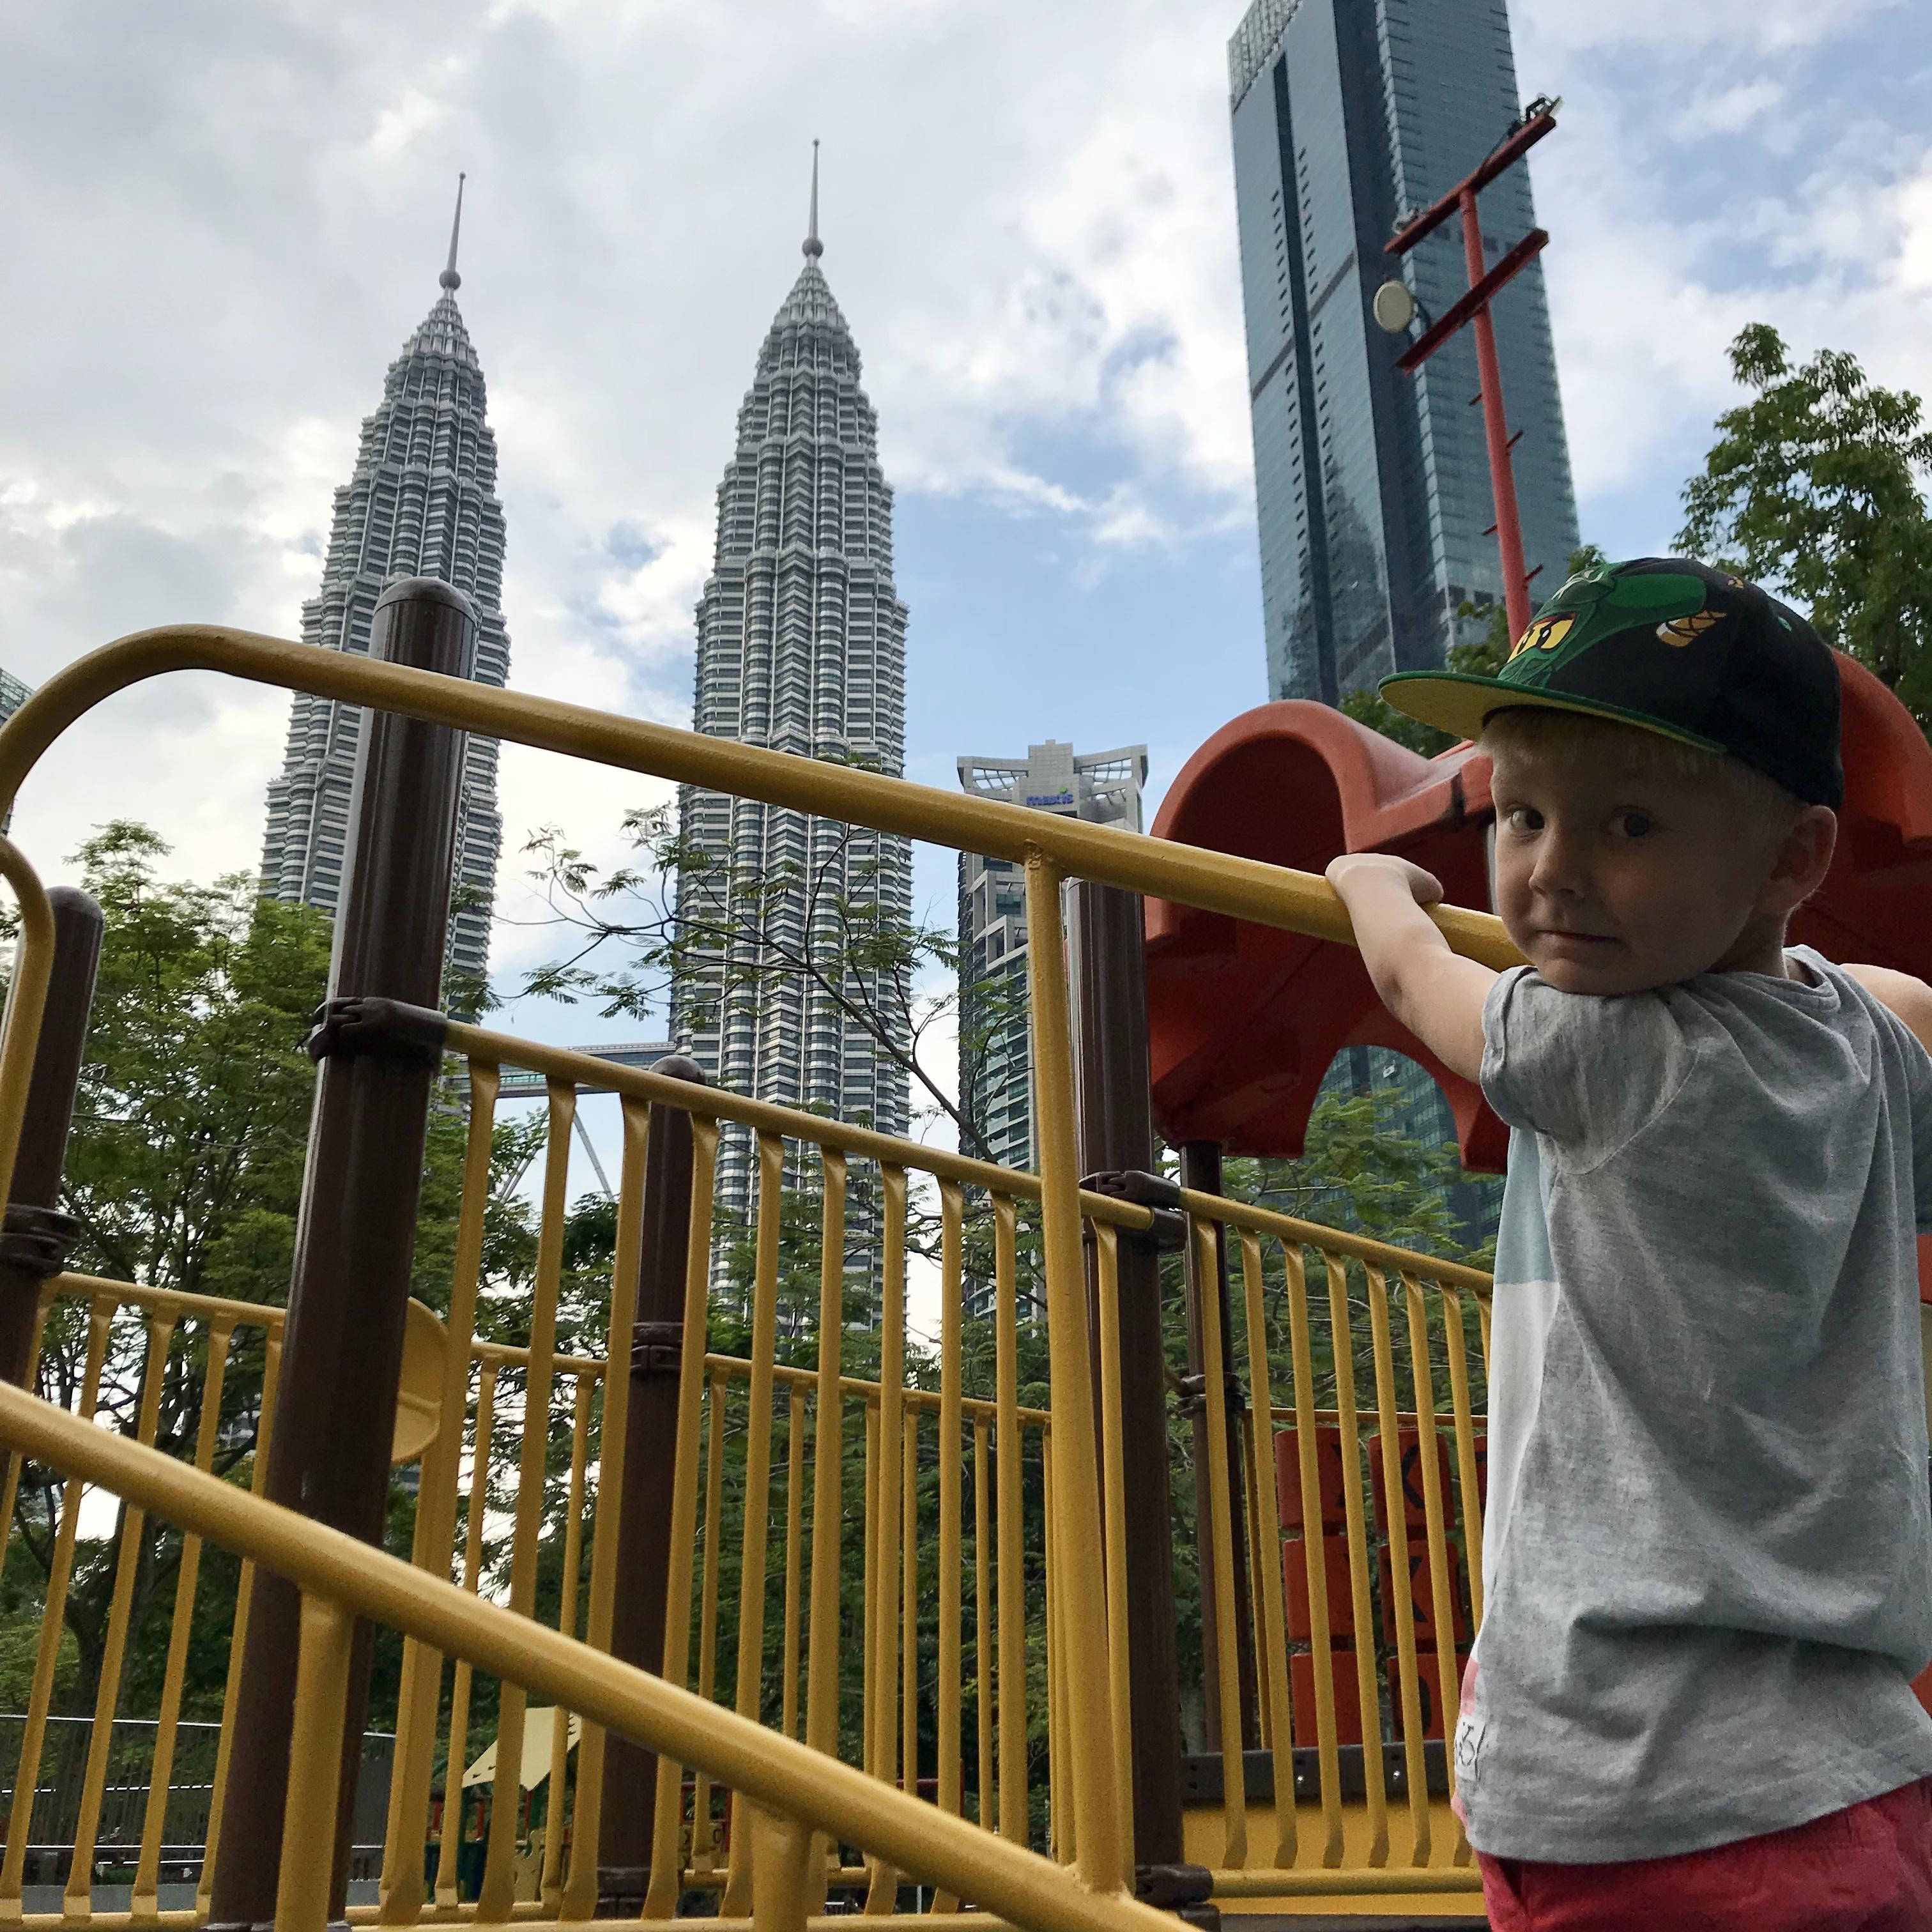 Klättring i KLCC Park med utsikt mot Petronas Twin Towers.